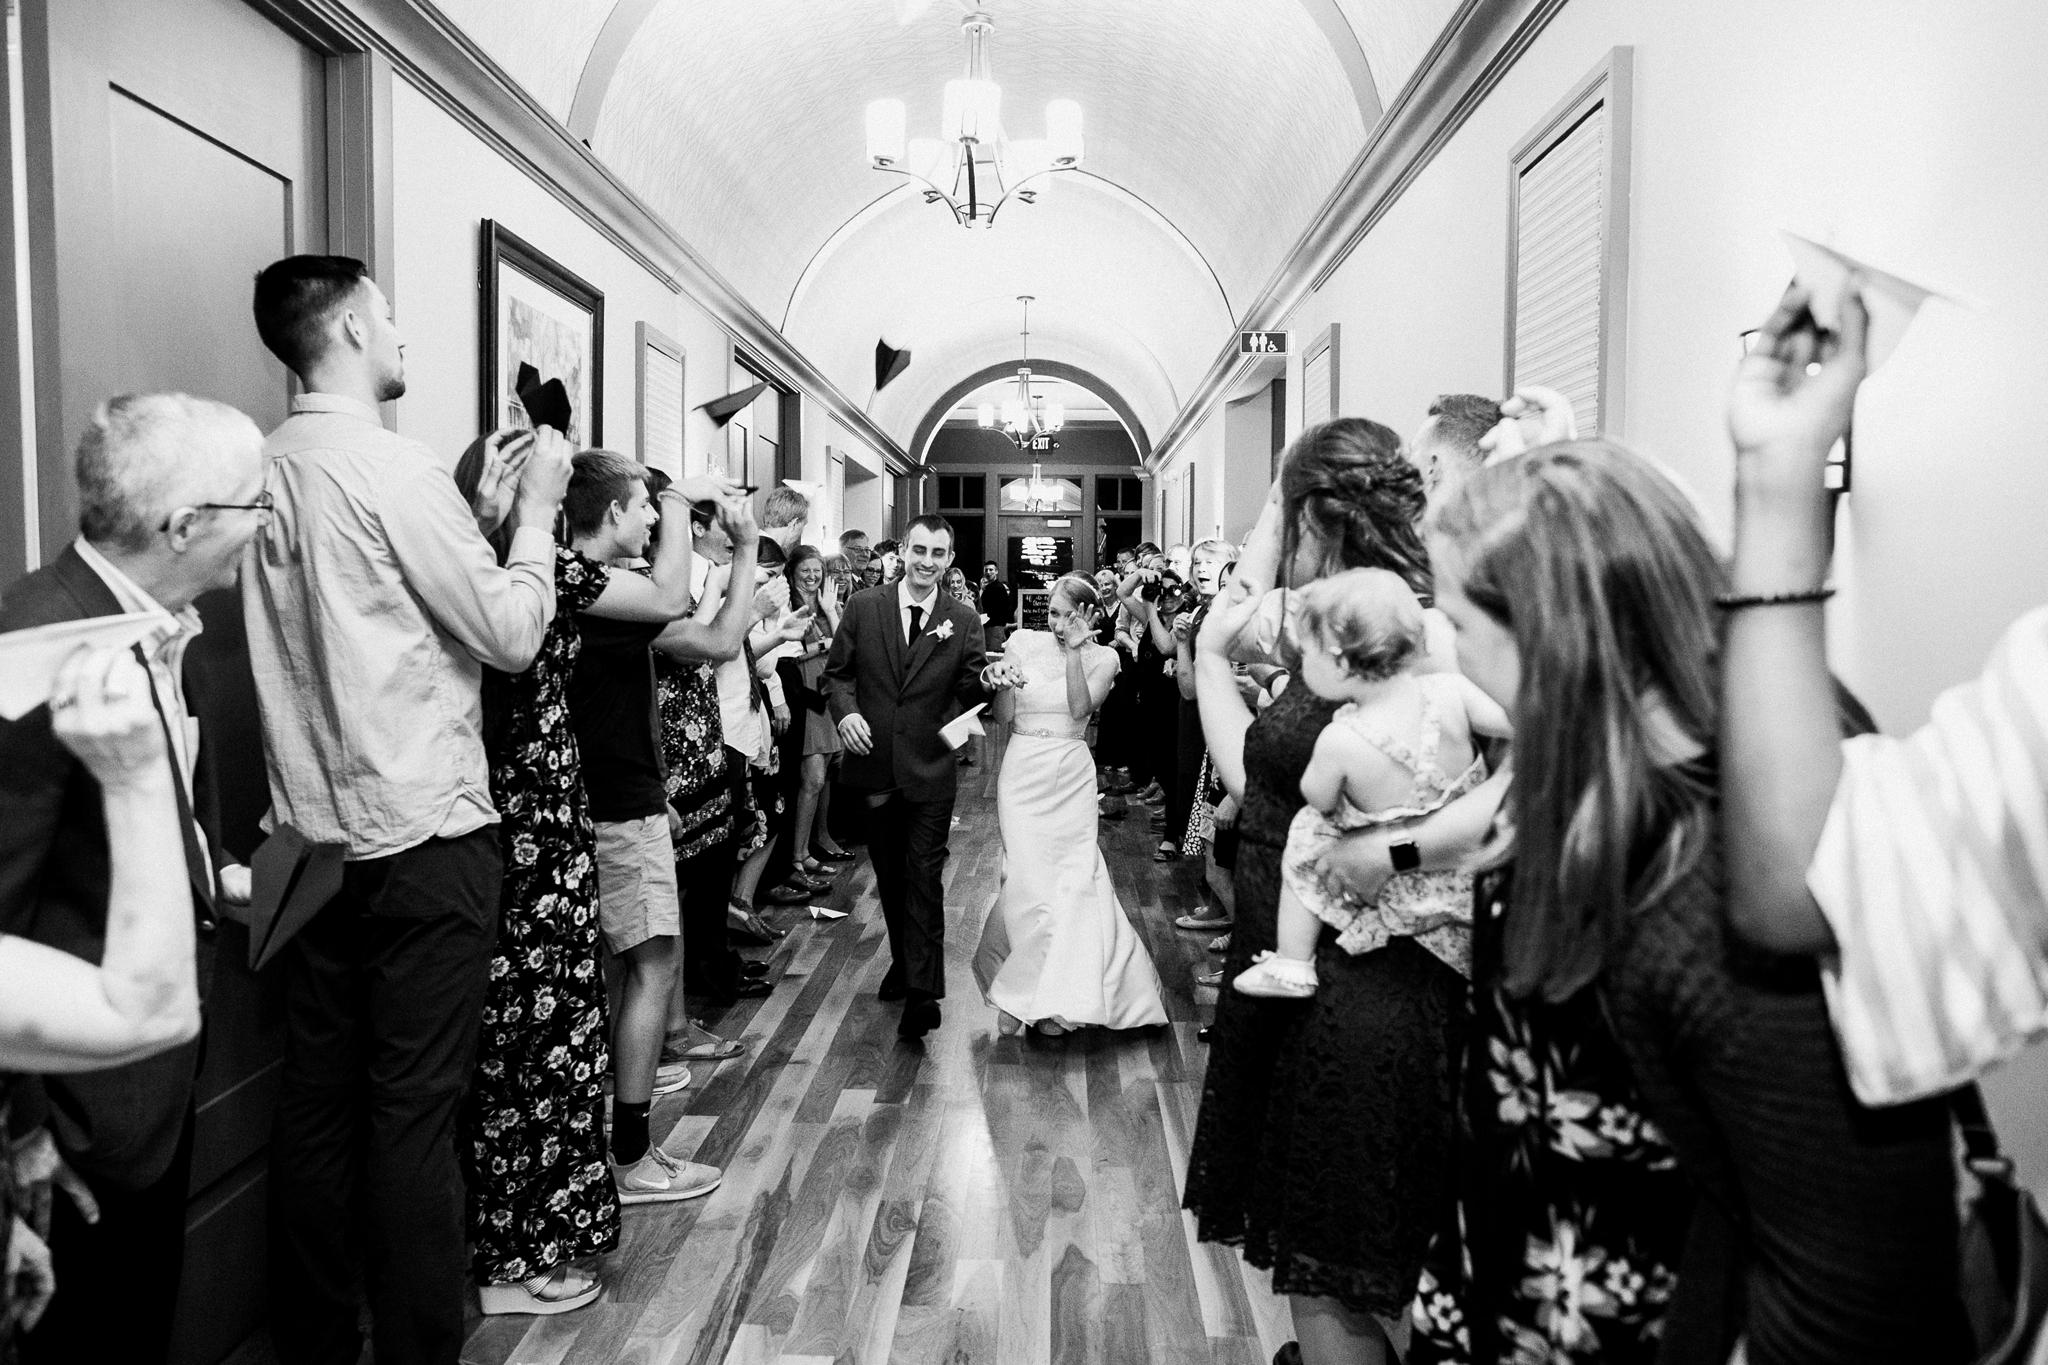 noahs_event_venue_naperville_IL_wedding_photographer_0081.jpg